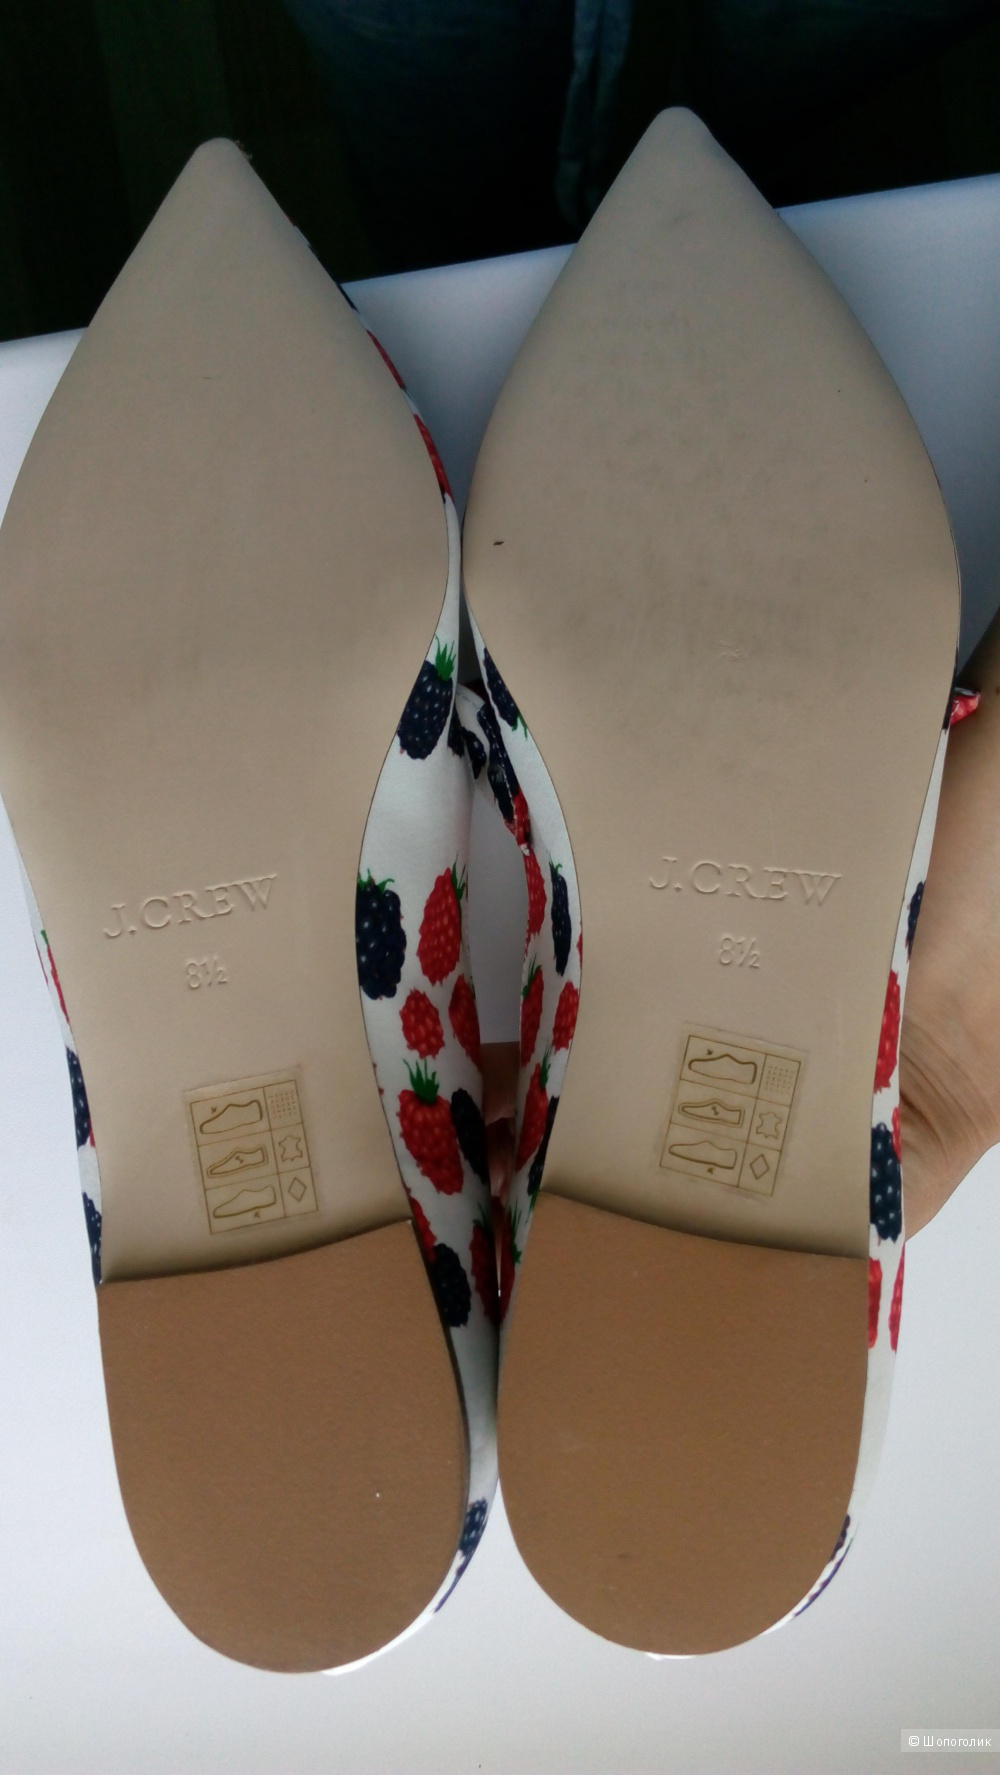 Туфли jcrew размер 8.5